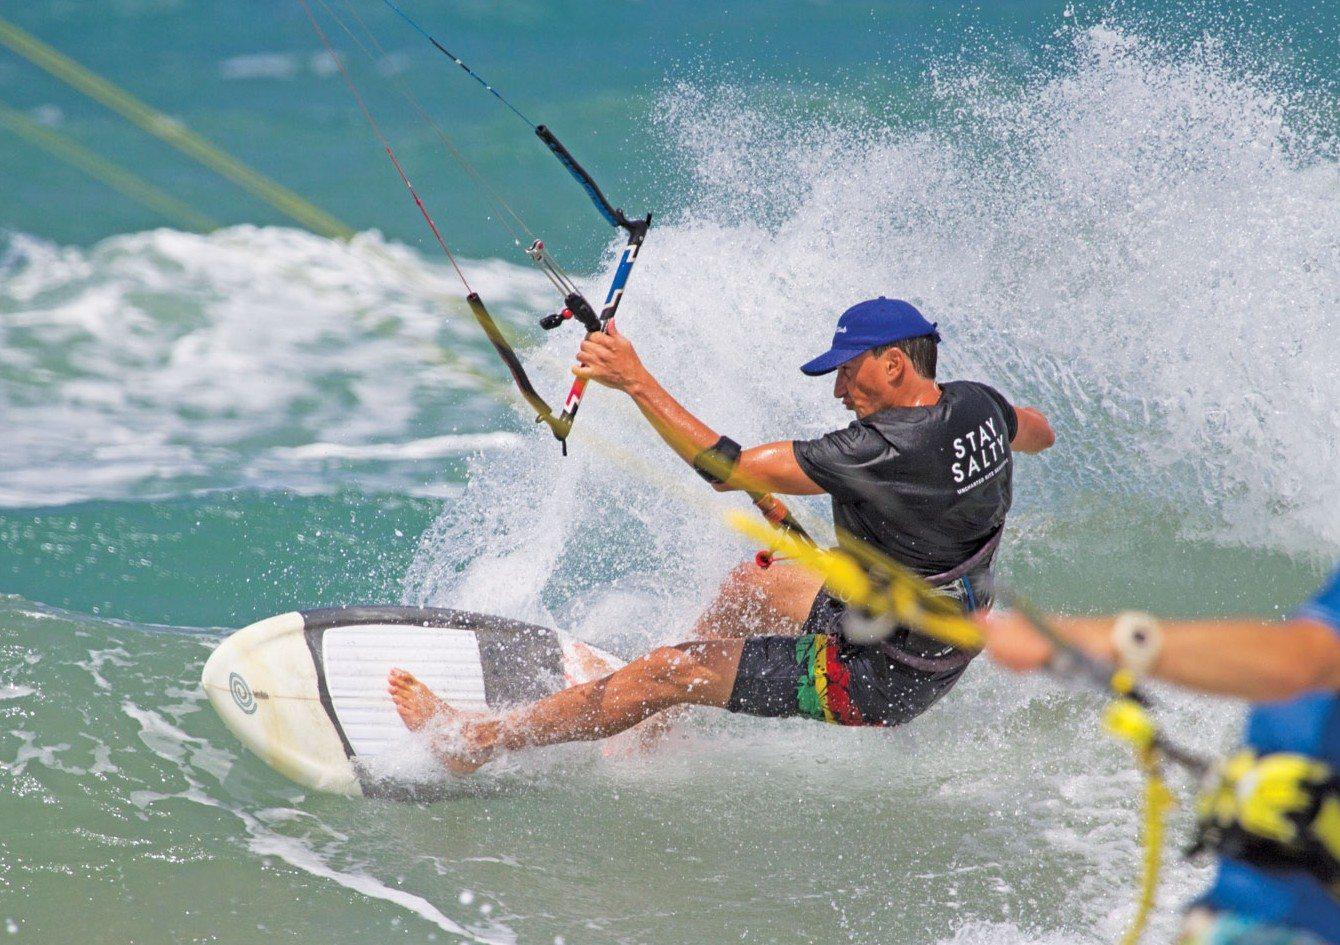 Cabarete Kite-surfing Pro Series 2016Photo: Kevin Langeree